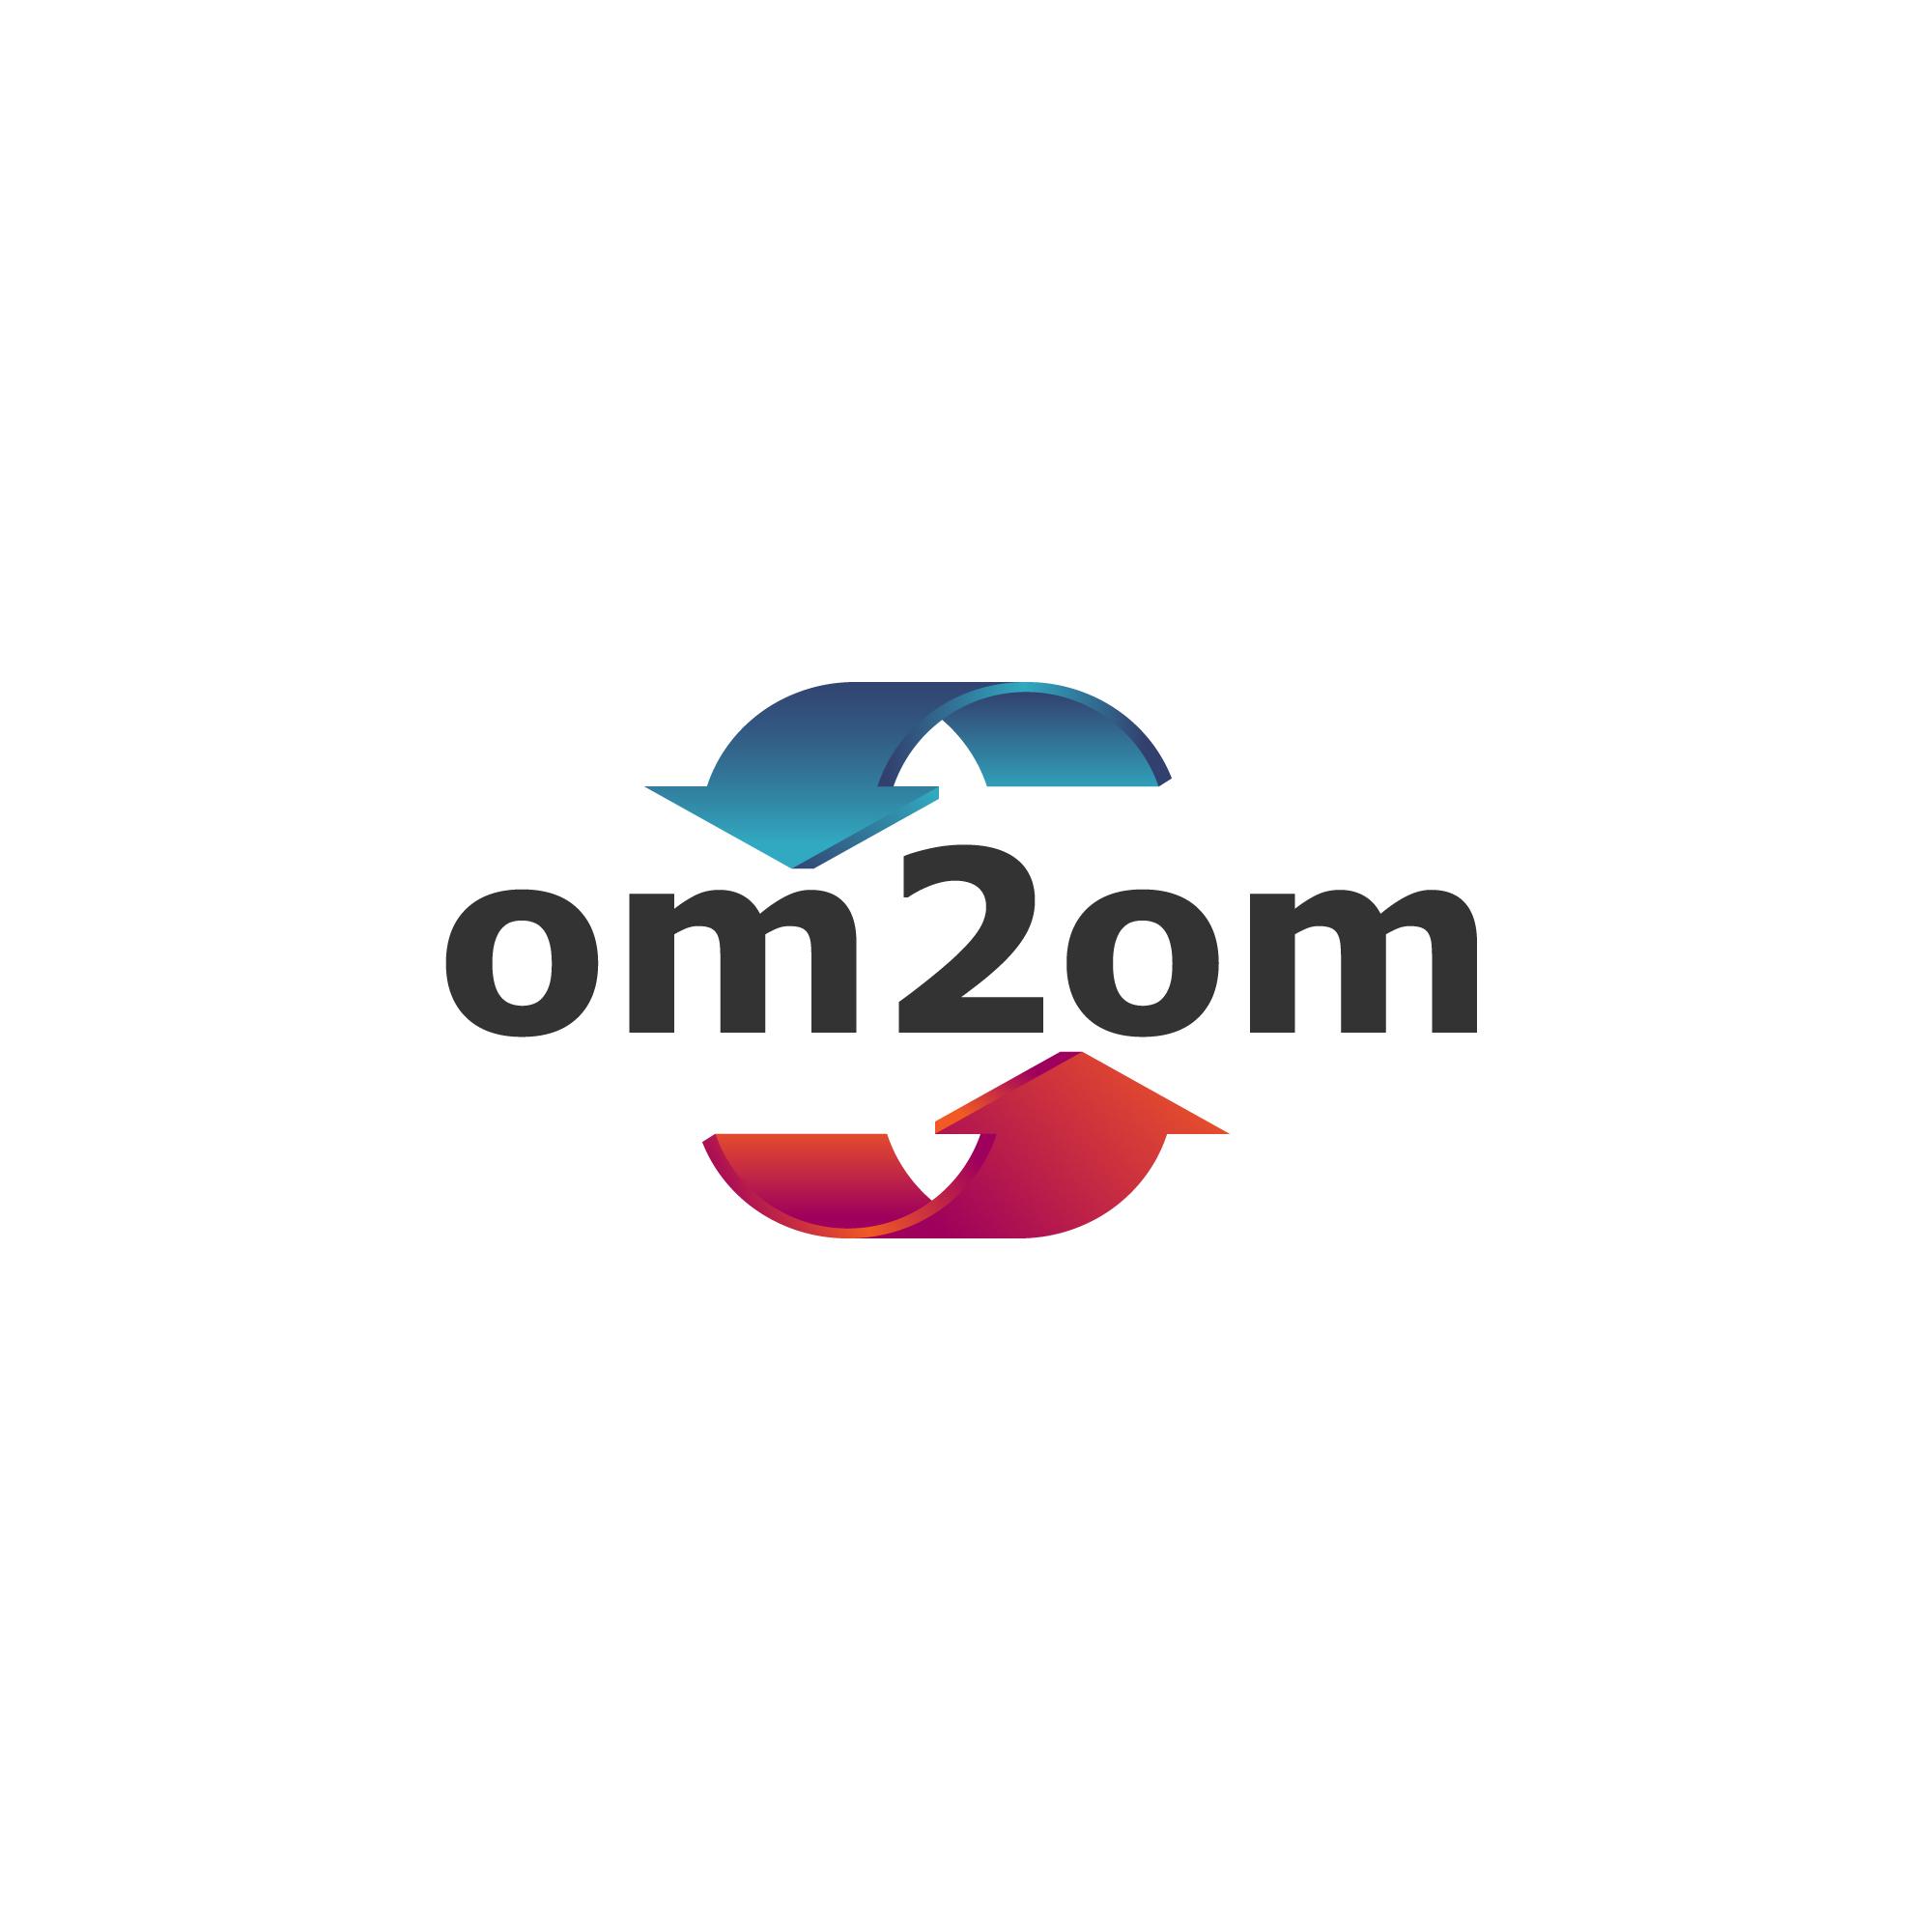 Разработка логотипа для краудфандинговой платформы om2om.md фото f_1225f5bfa792aa65.jpg